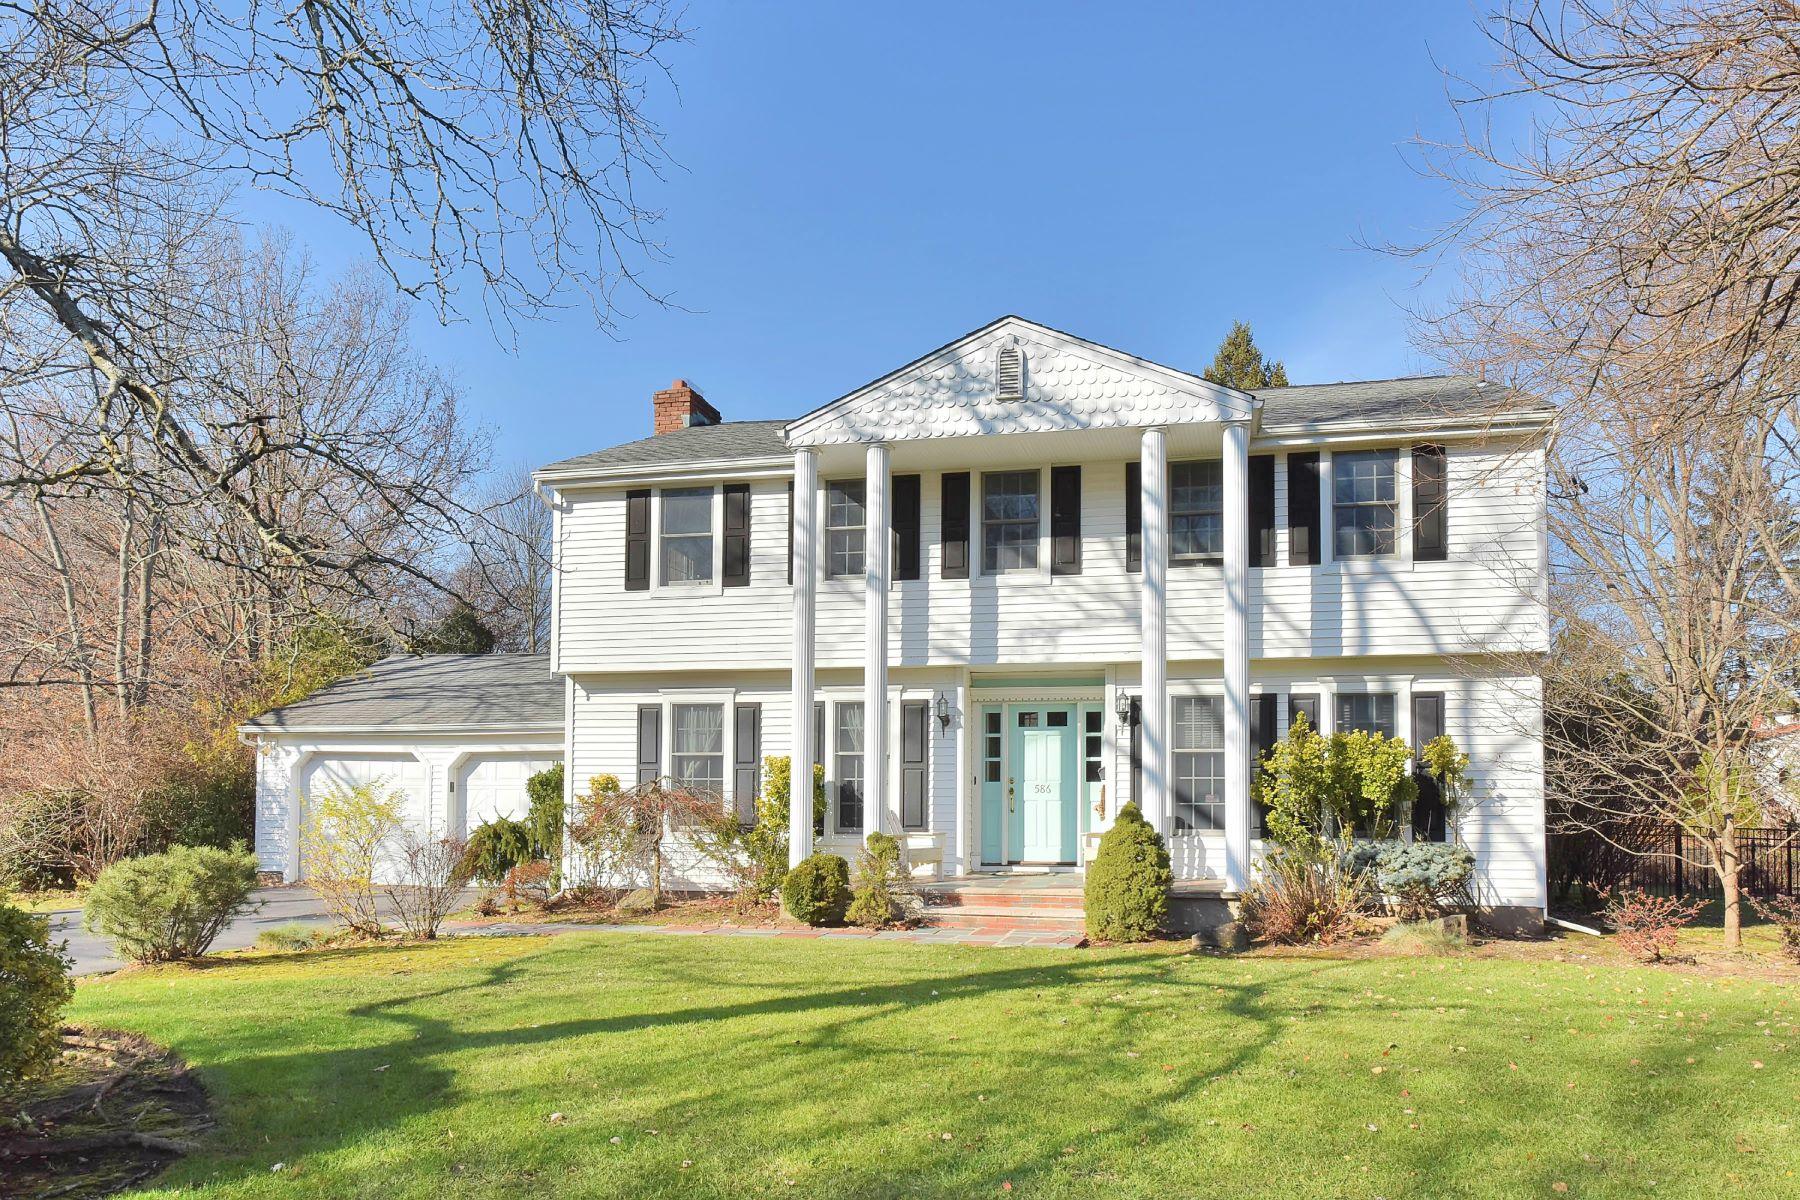 단독 가정 주택 용 매매 에 Bright & Beautiful Harrington Park Colonial! 586 Lynn Street Harrington Park, 뉴저지, 07640 미국